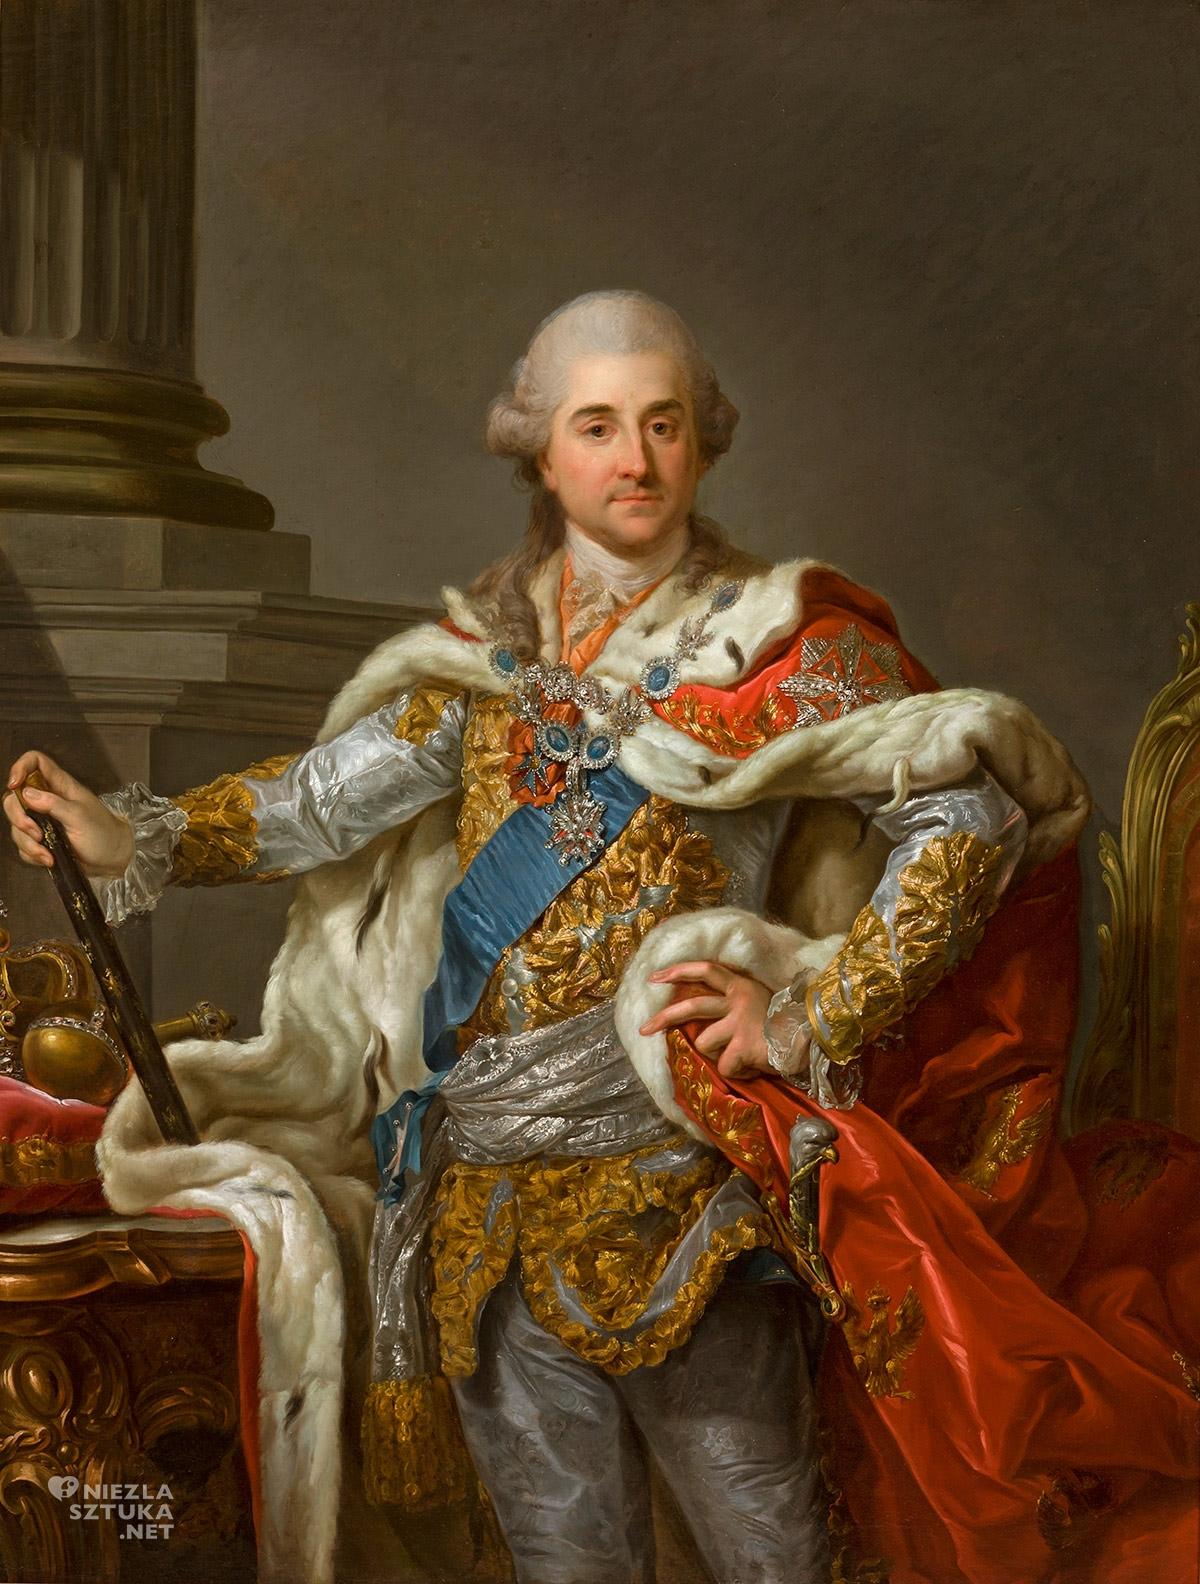 Marcello Bacciarelli, Portret koronacyjny Stanisława Augusta Poniatowskiego, Stanisław August Poniatowski, Niezła sztuka